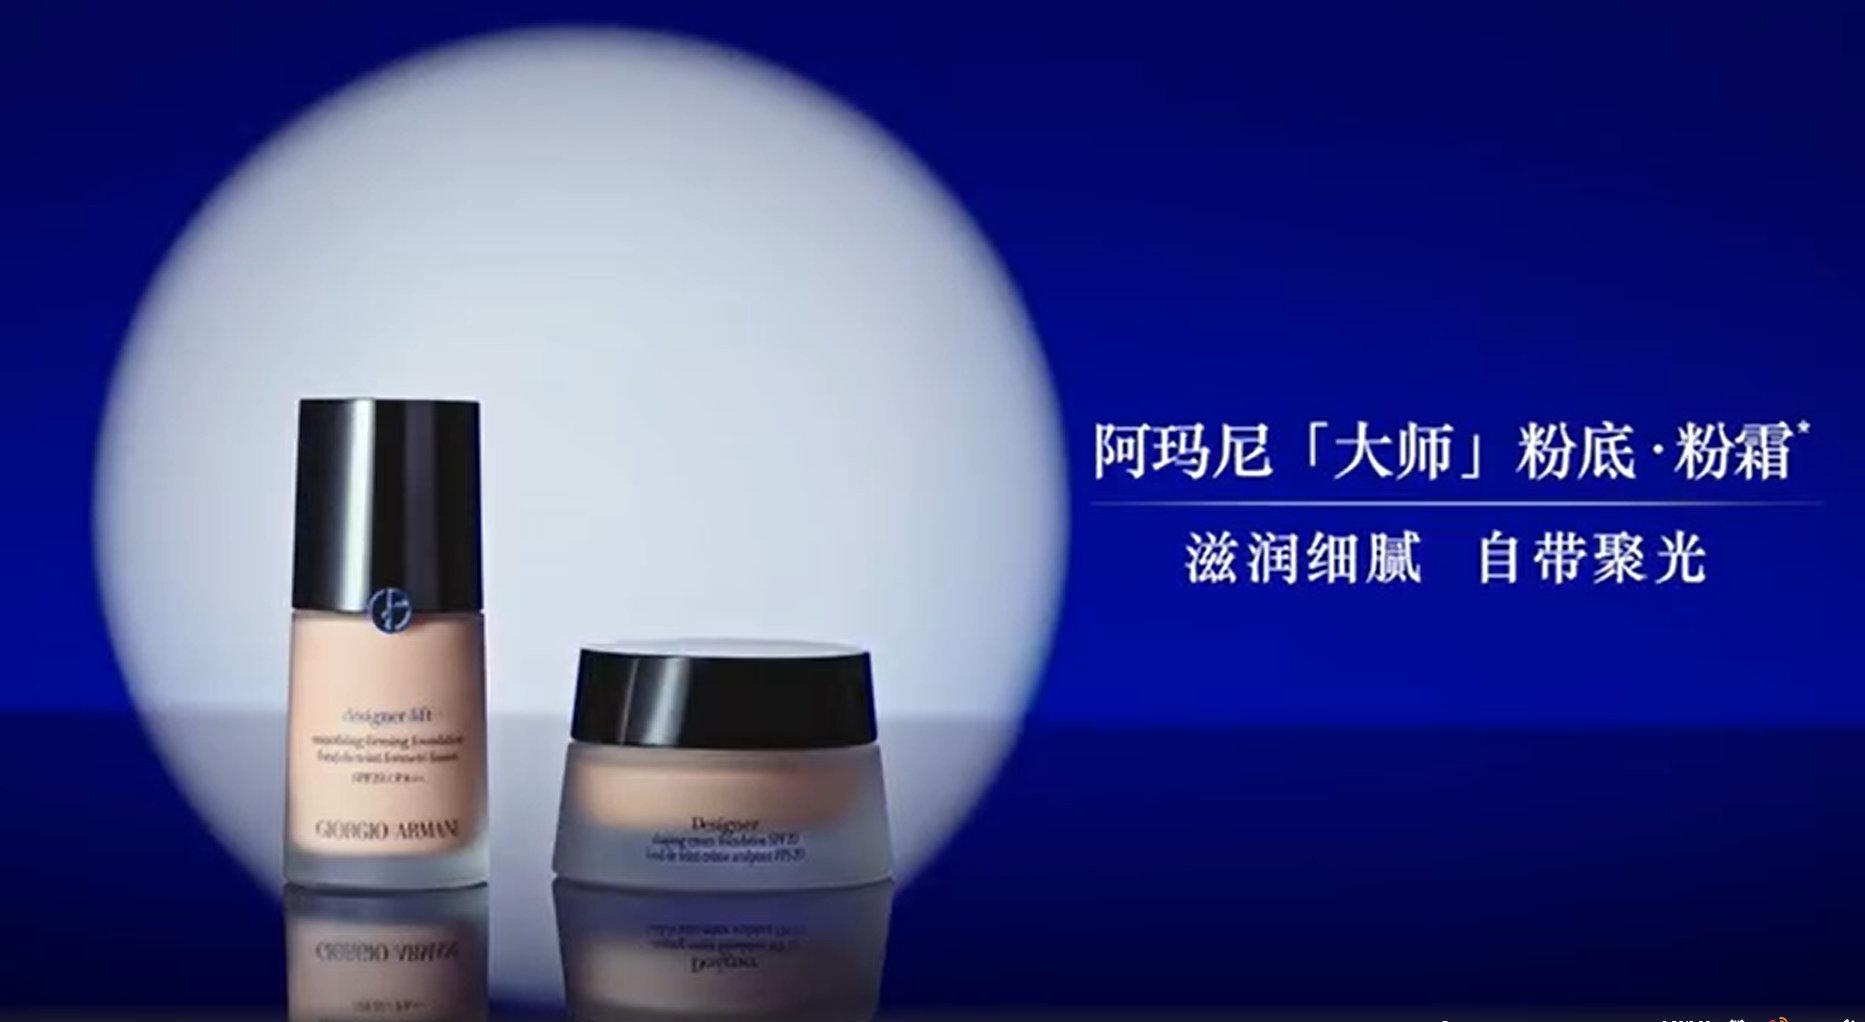 美容护肤丨天生好皮奶油肌上微博热搜,阿玛尼大师粉底液